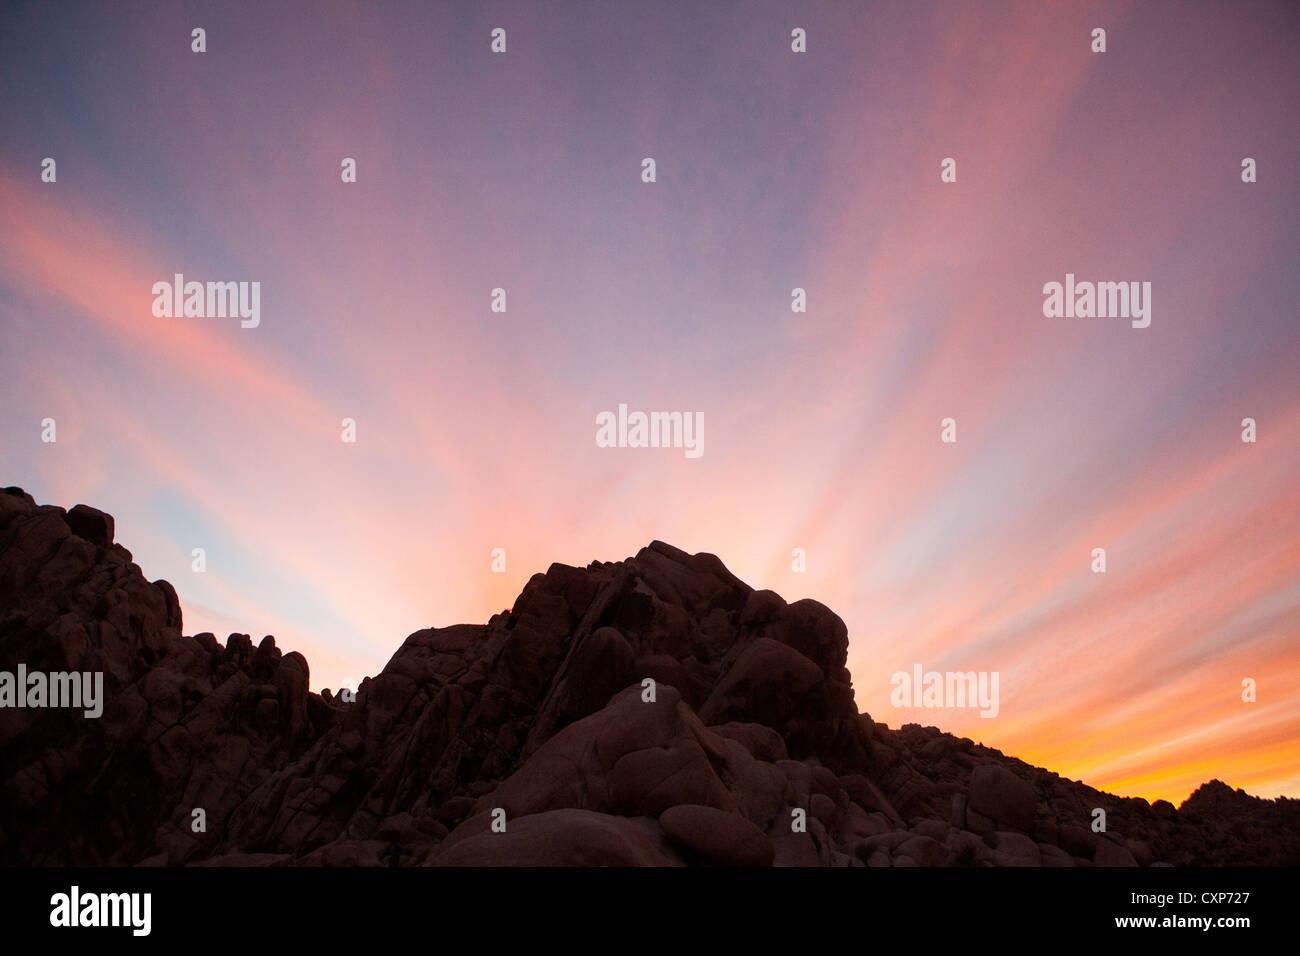 dramatischen Sonnenuntergang in der Wüste mit Silhouette der Felsen und Berge. Stockbild